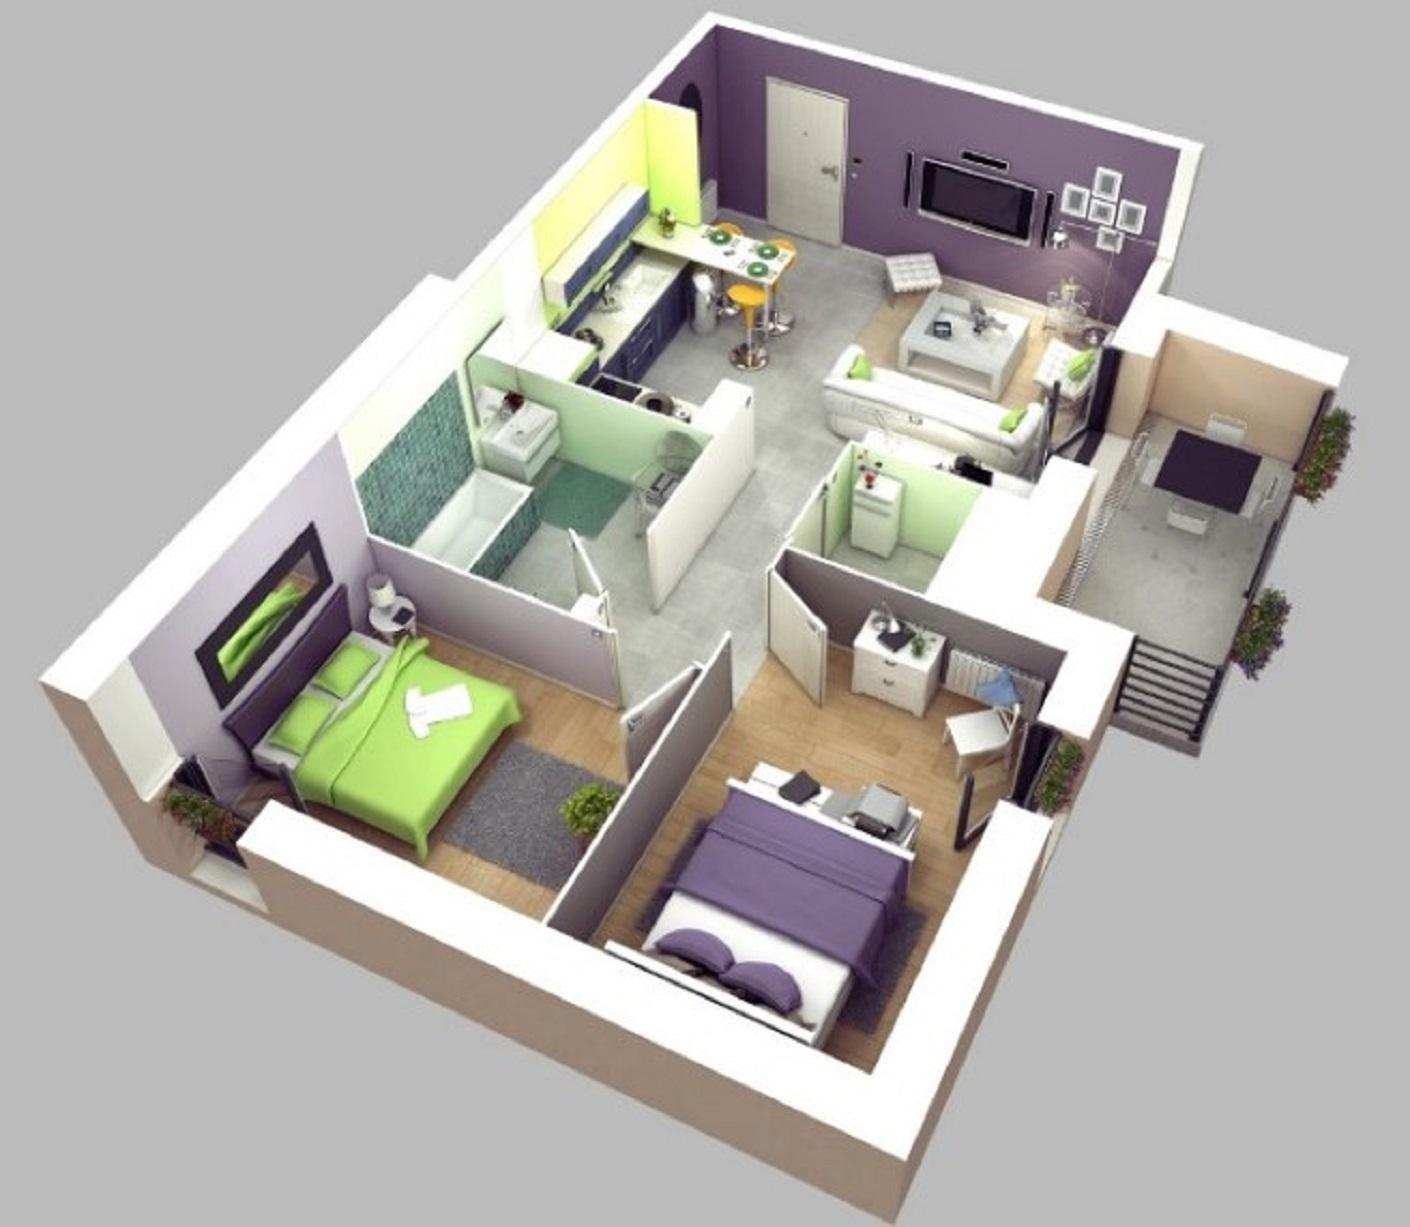 450+ Foto Desain Rumah Minimalis Sederhana Kamar 3 Gratis Terbaik Download